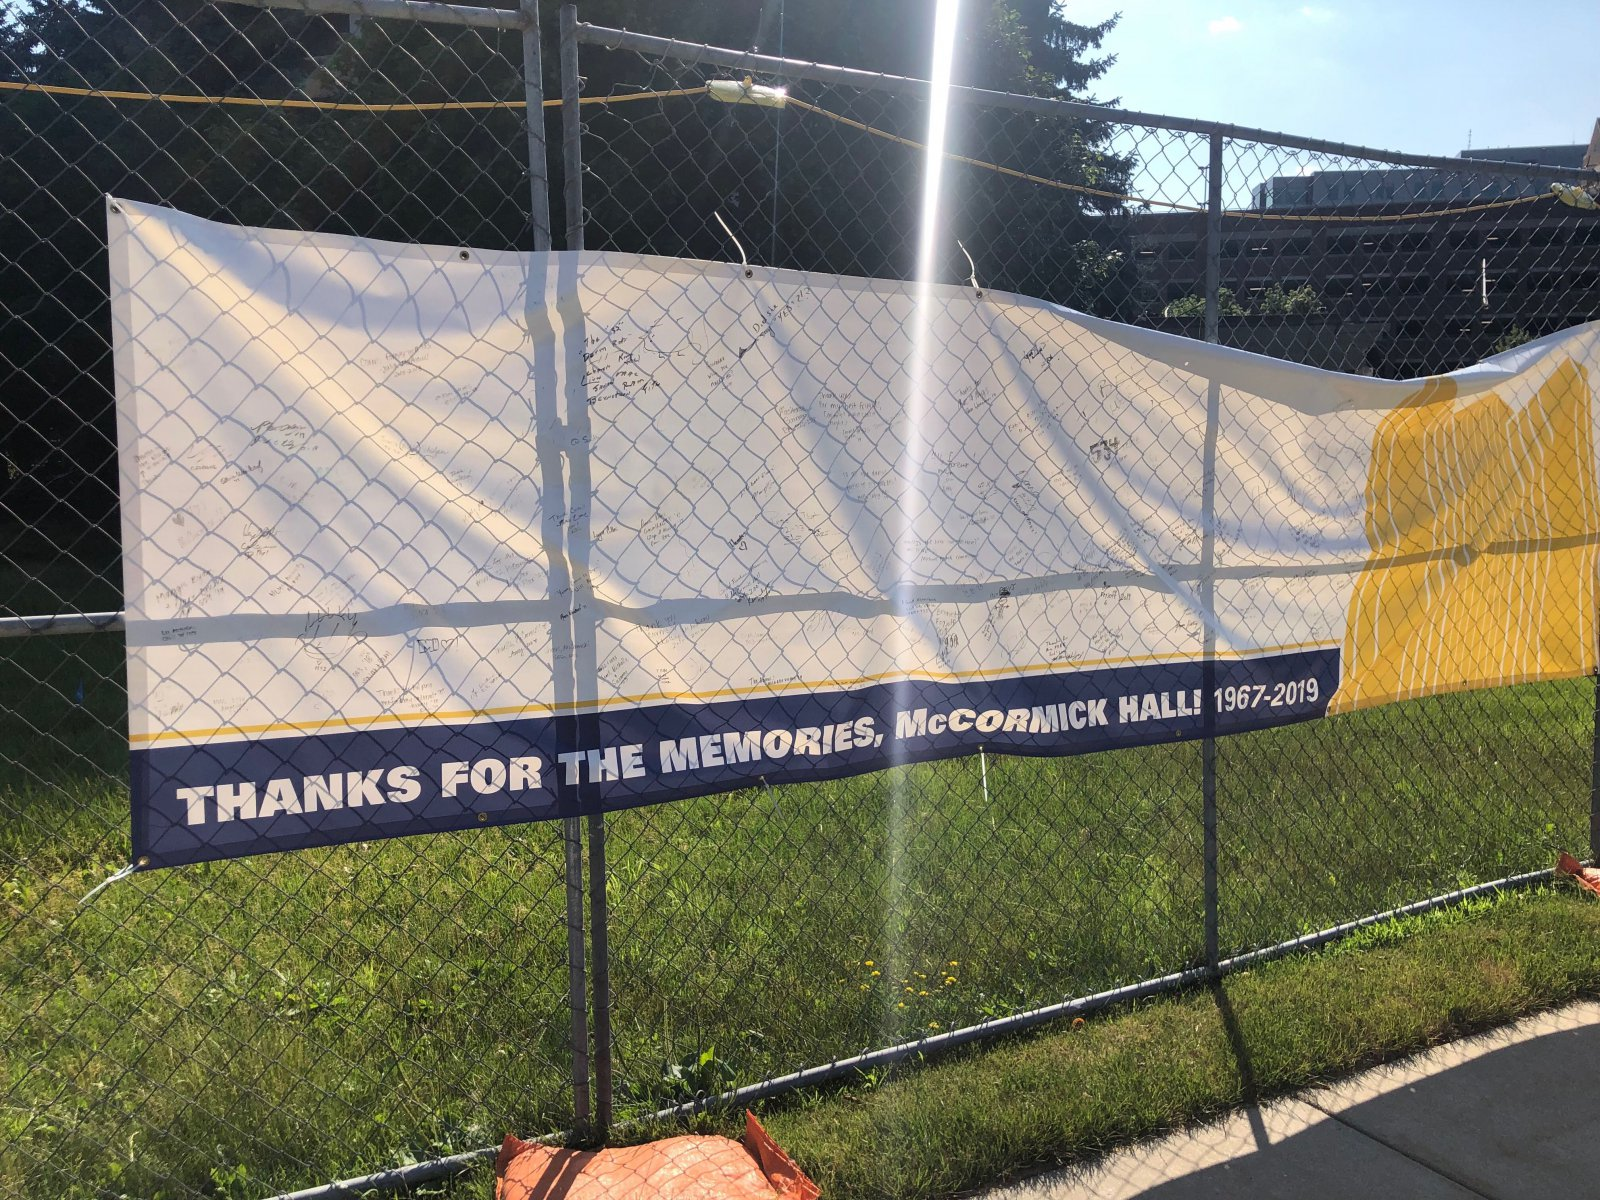 McCormick Hall Farewell Sign